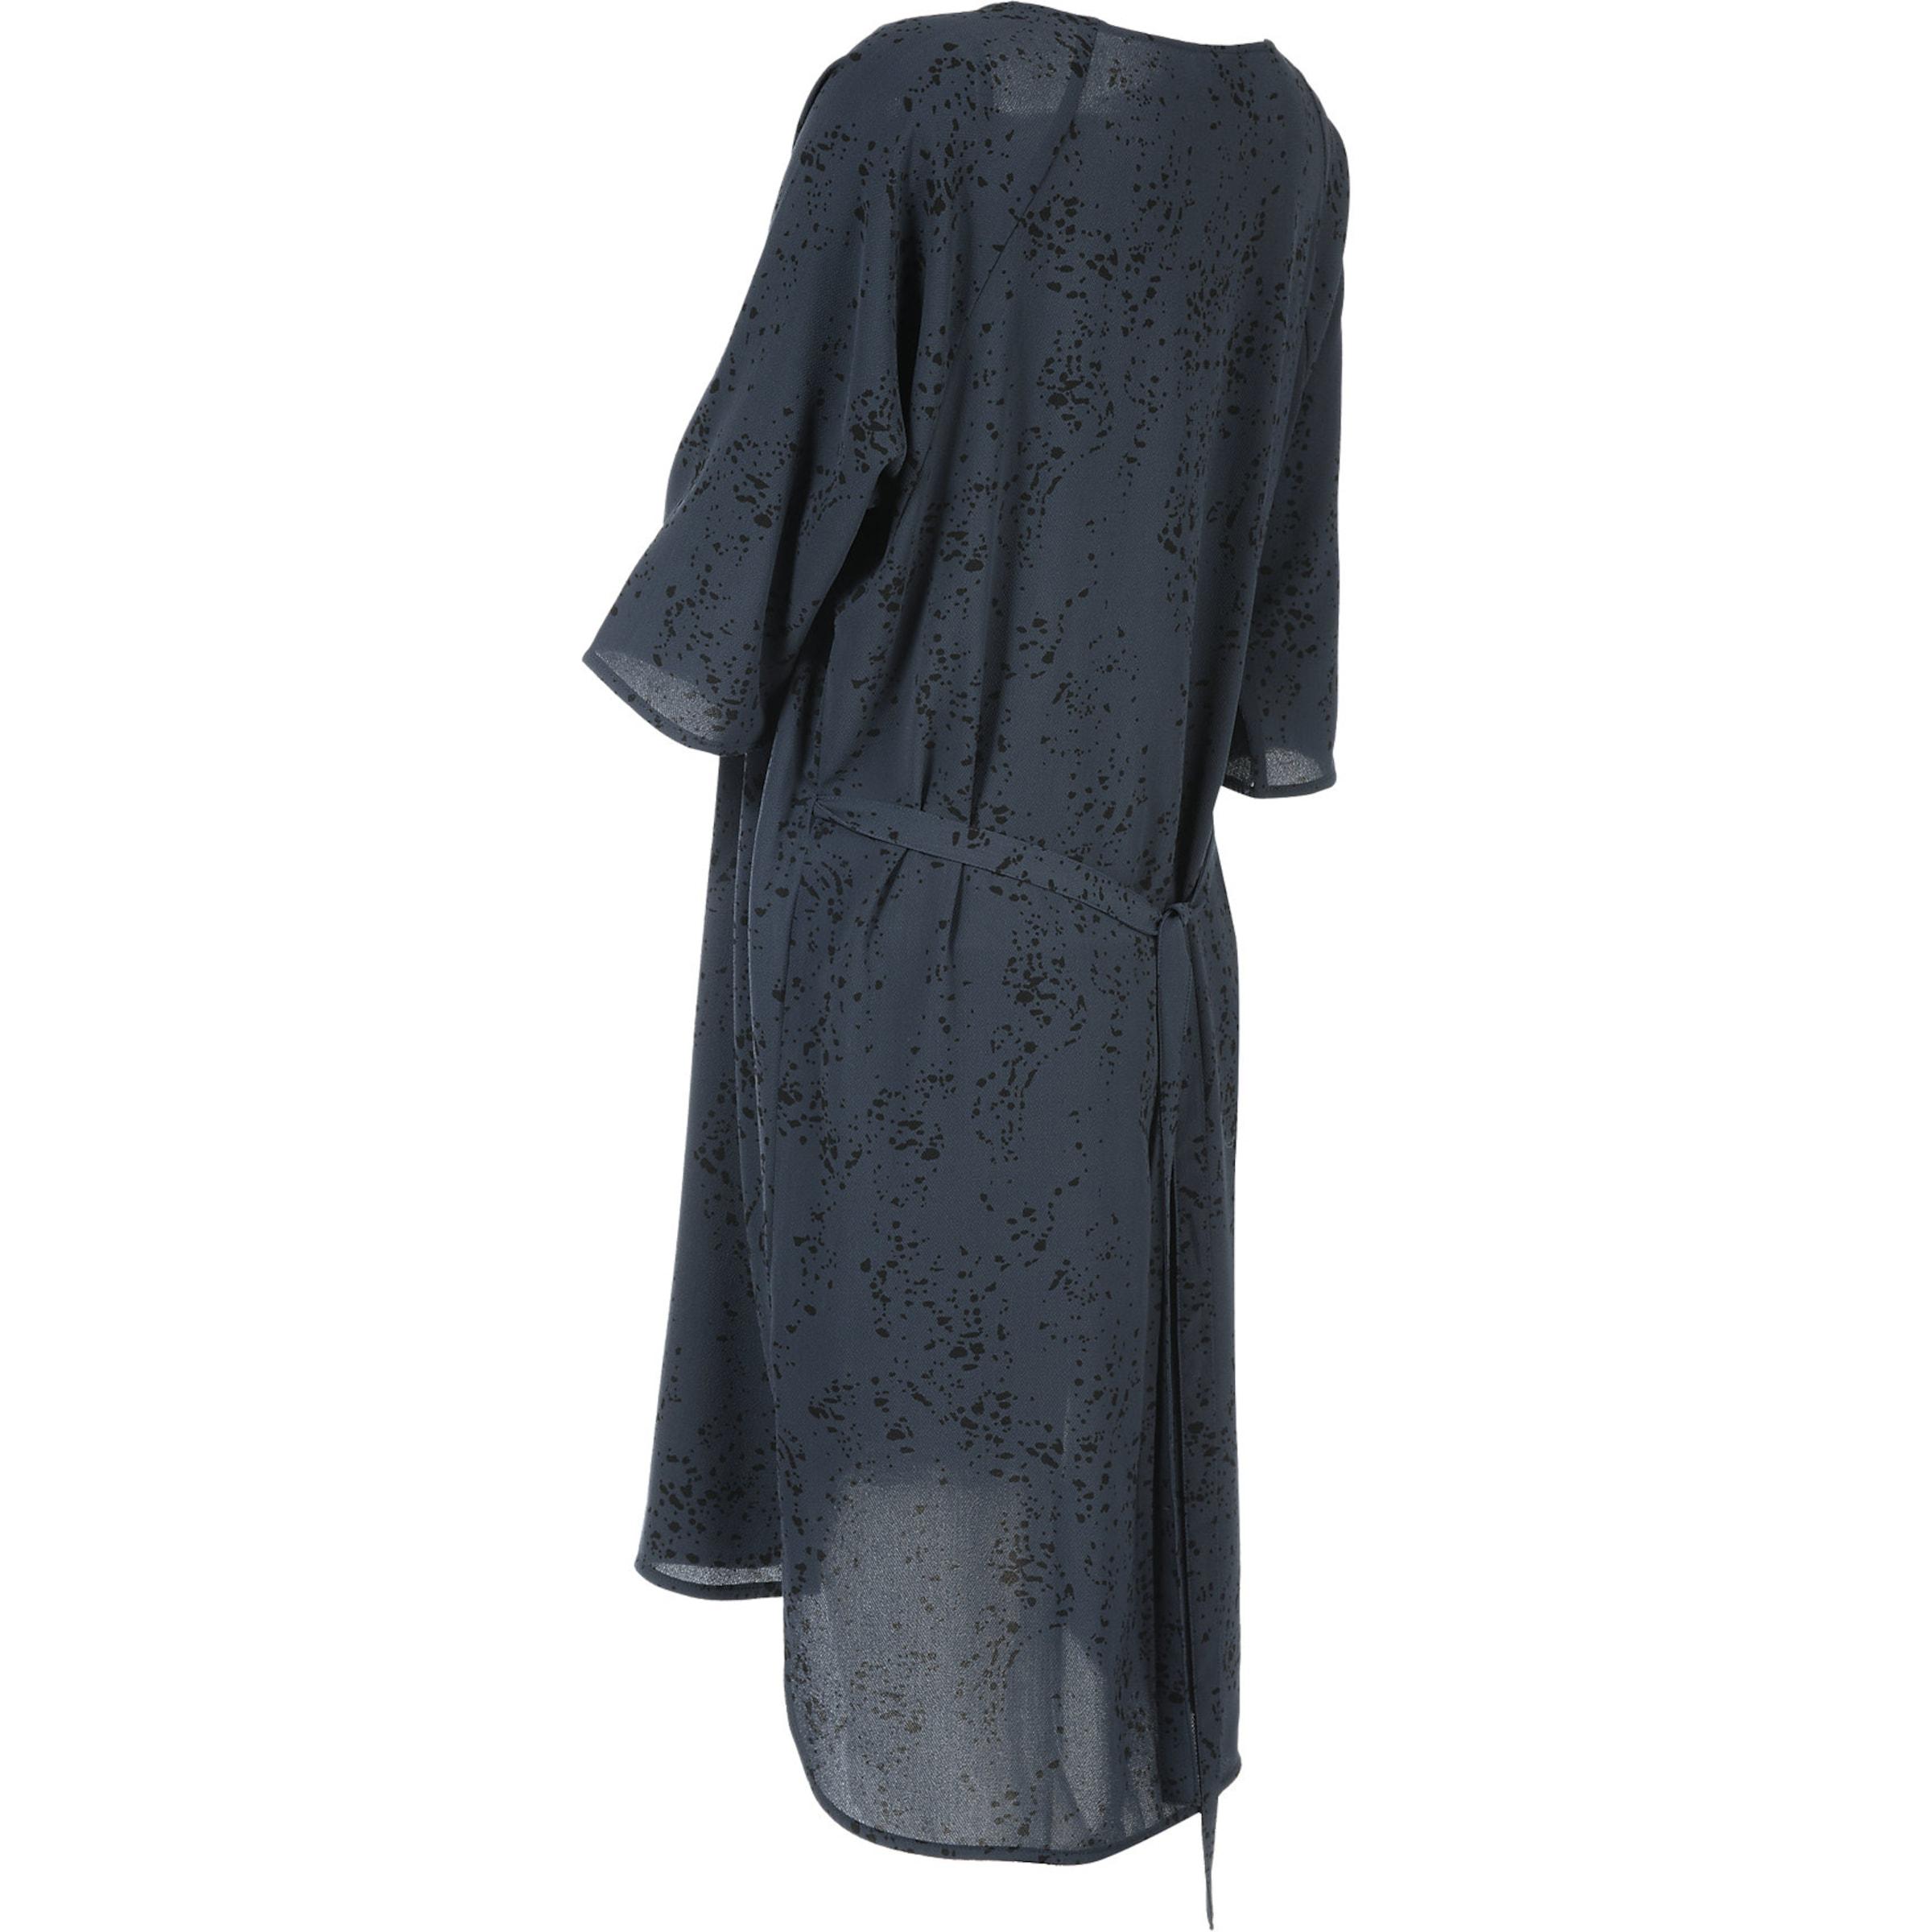 Billig Manchester 100% Authentisch Zu Verkaufen ICHI 3/4-Arm-Kleid Freies Verschiffen Erhalten Authentisch c93kE